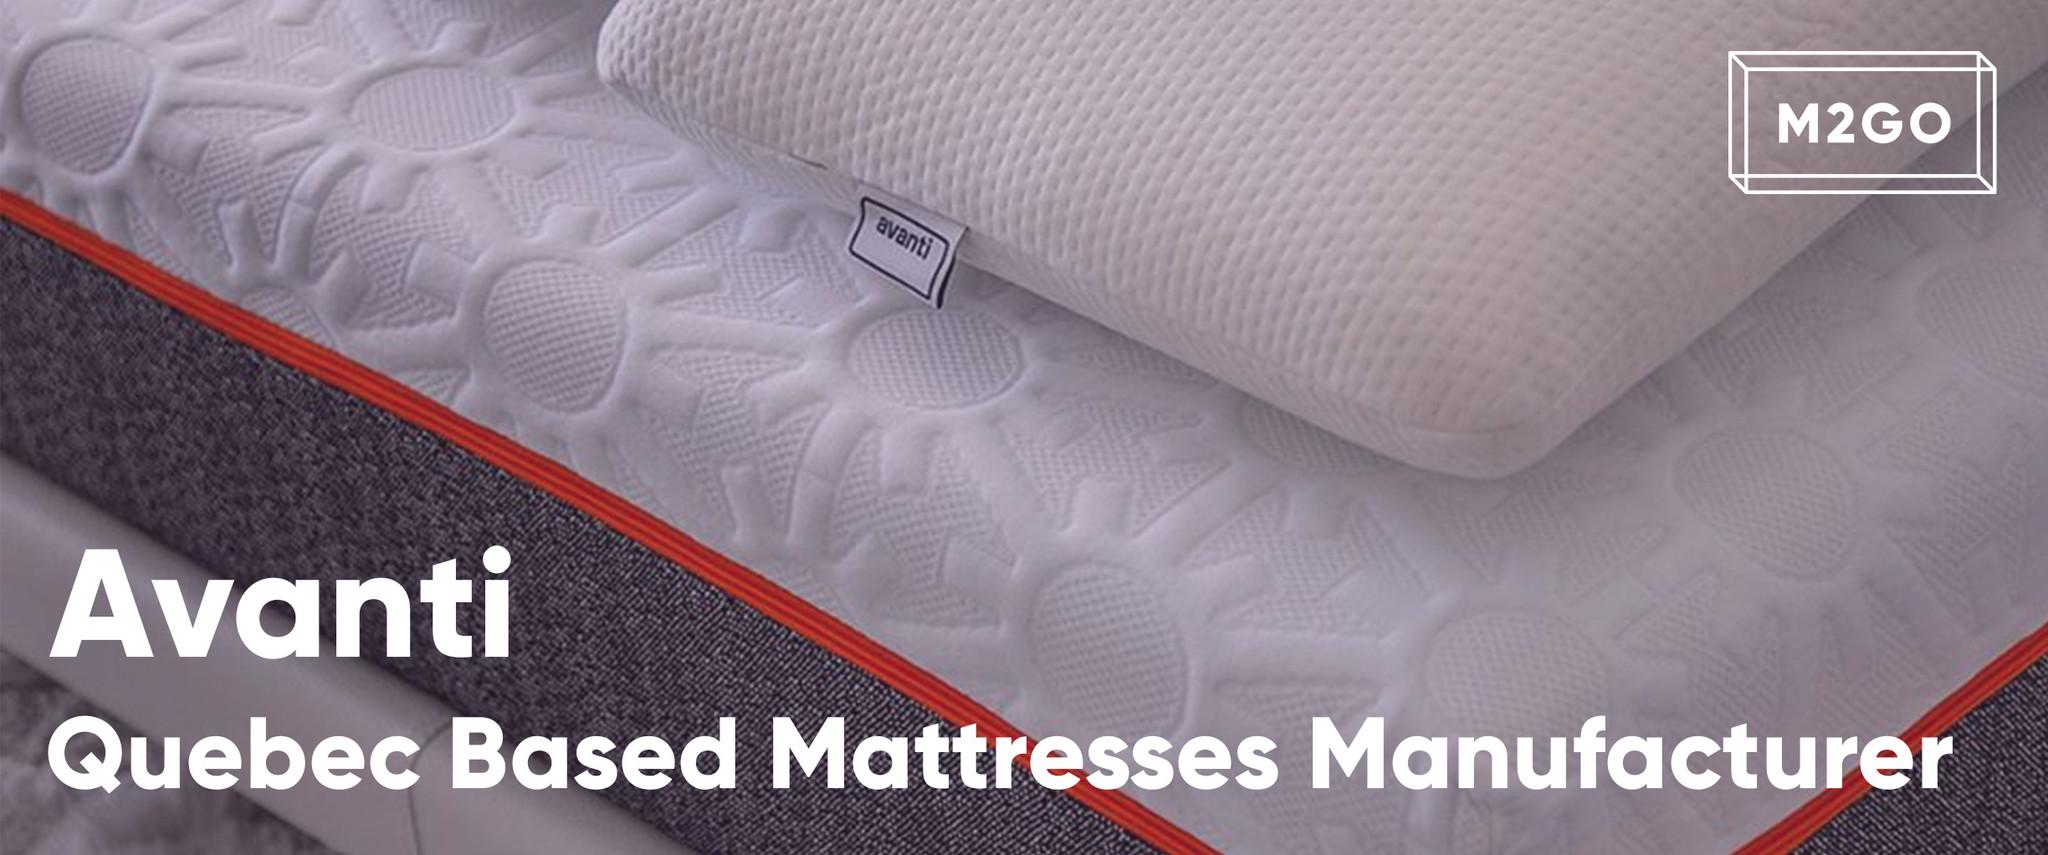 Avanti : Quebec Based Mattresses Manufacturers